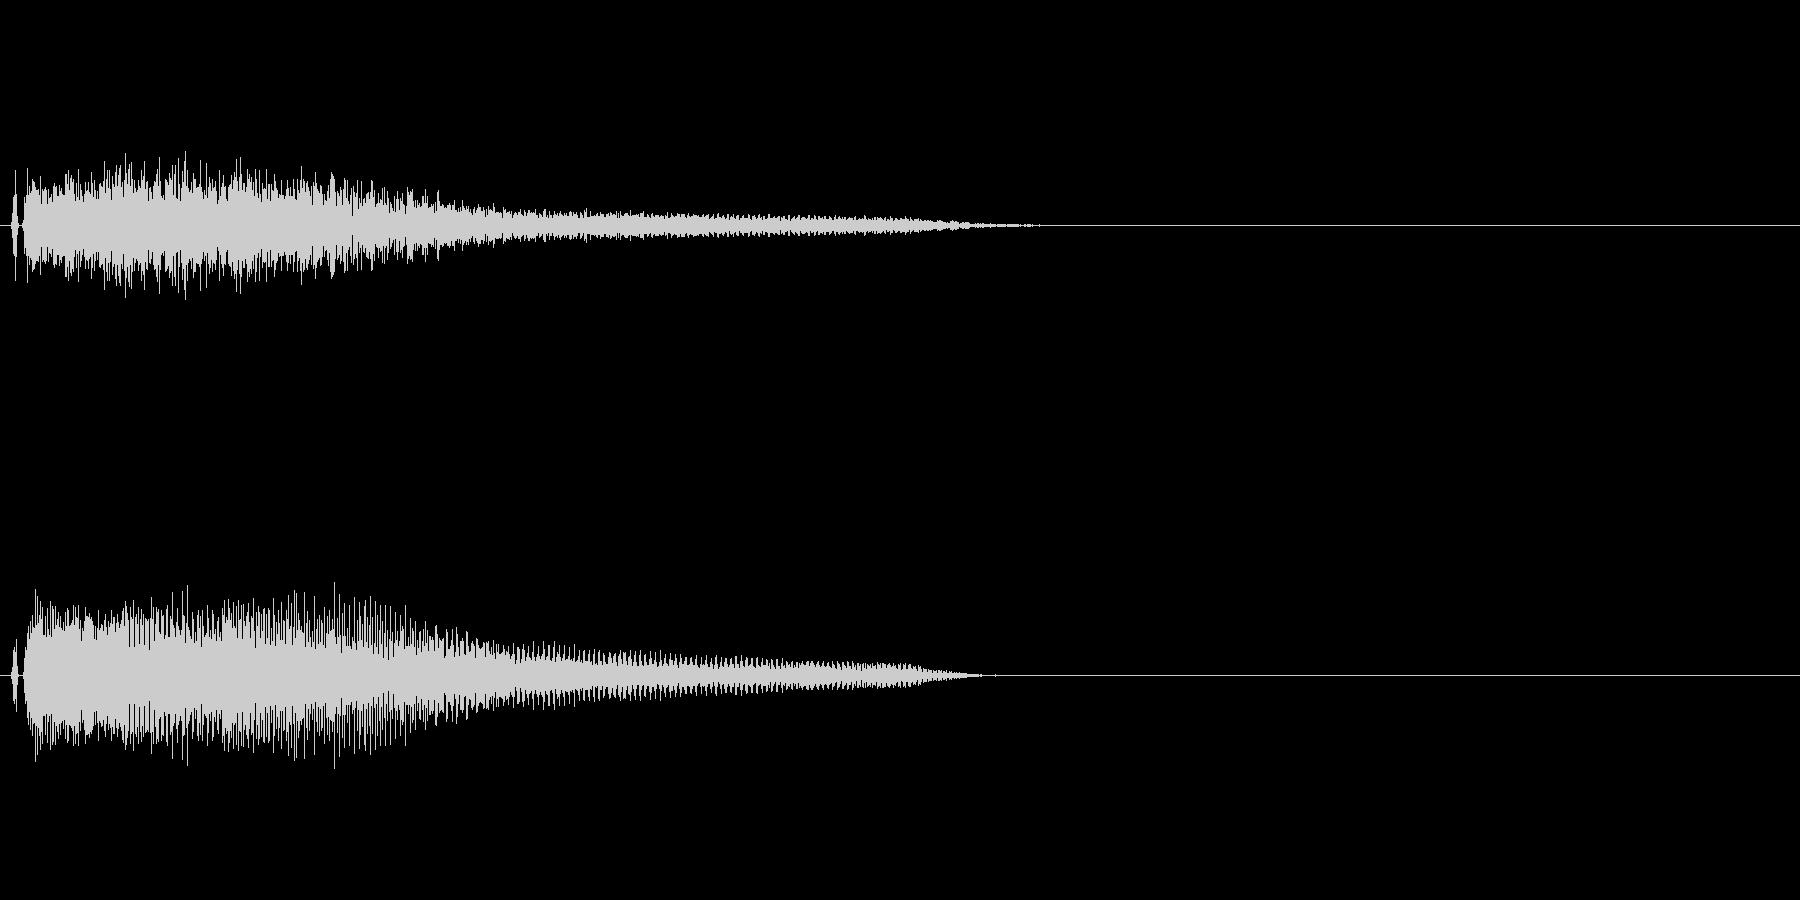 不協な感じのピアノ和音の未再生の波形